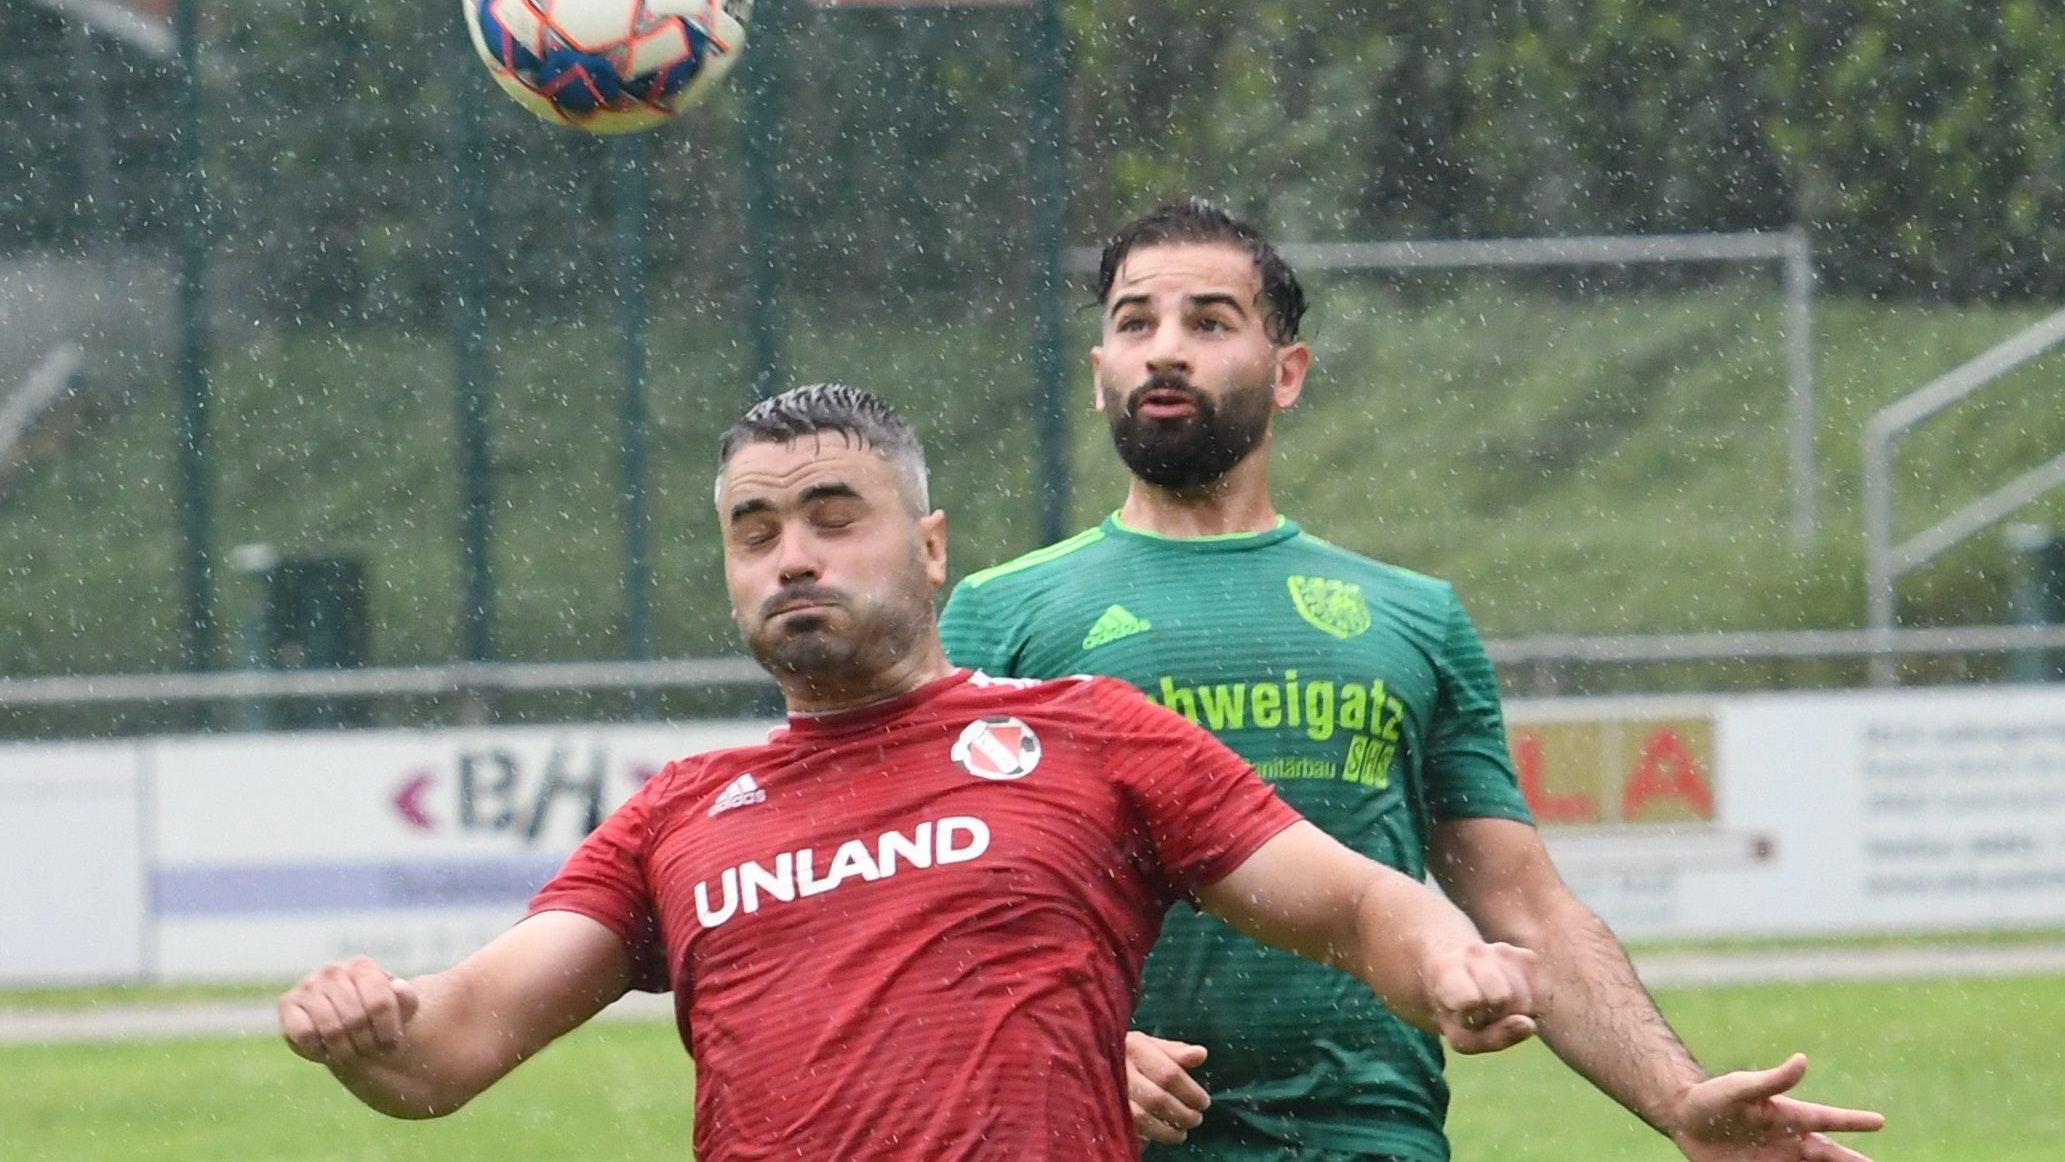 Kopfsache: Sedelsbergs Spas Bayraktarov (vorn) und Hansas Mourat Moussa duellieren sich auf höchster Ebene. Foto: Wulfers